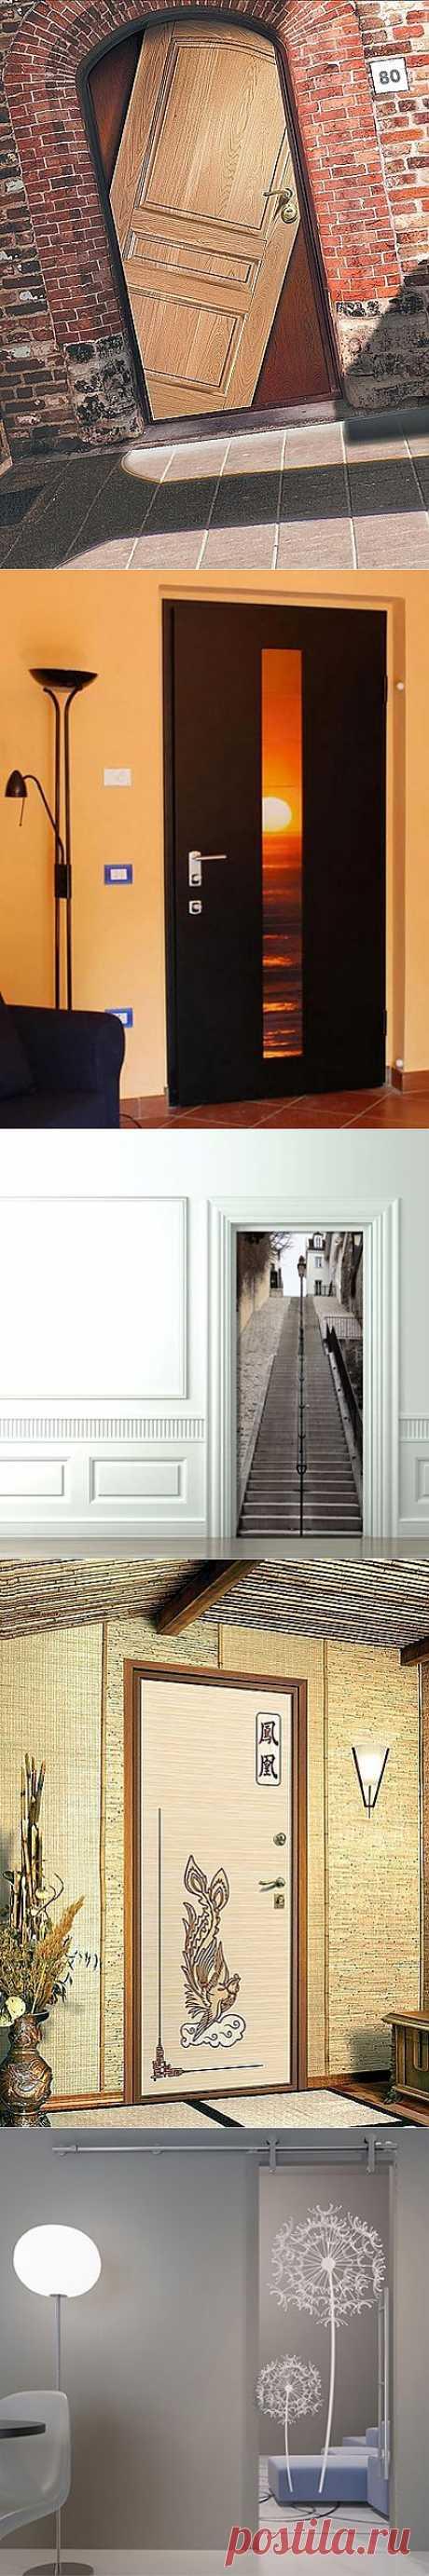 Оригинальные двери в вашем интерьере | Интерьер и Дизайн